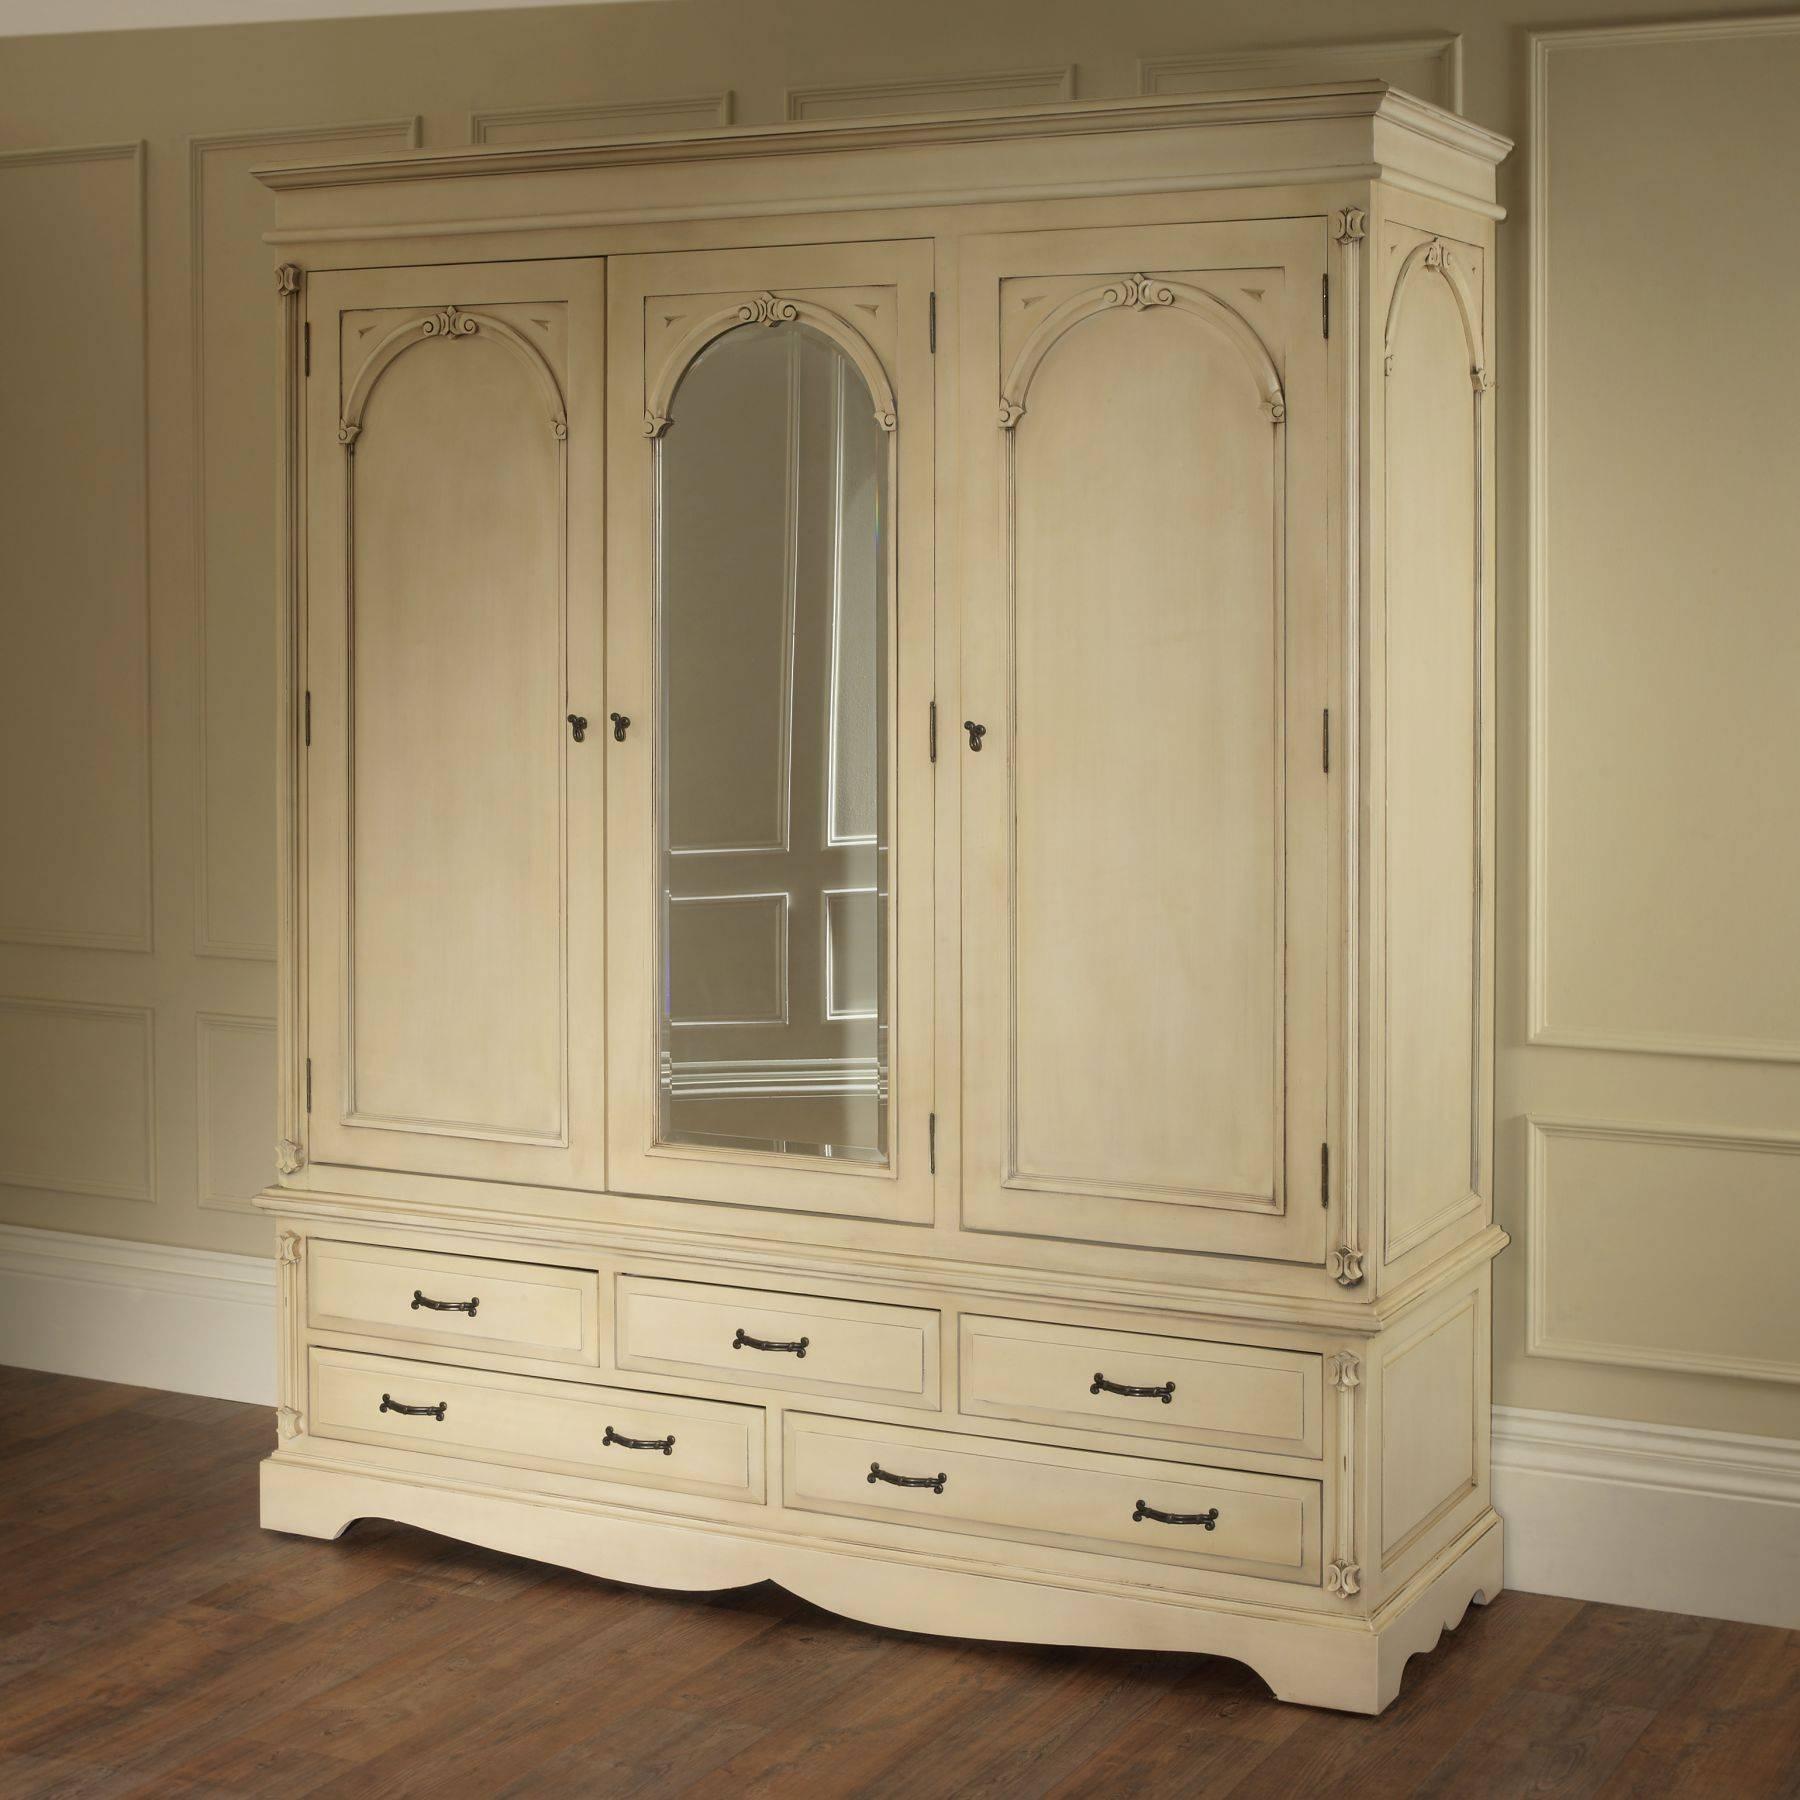 Design For Bedroom Wardrobes Wardrobes Wardrobe Designs Modern inside Antique White Wardrobes (Image 8 of 15)